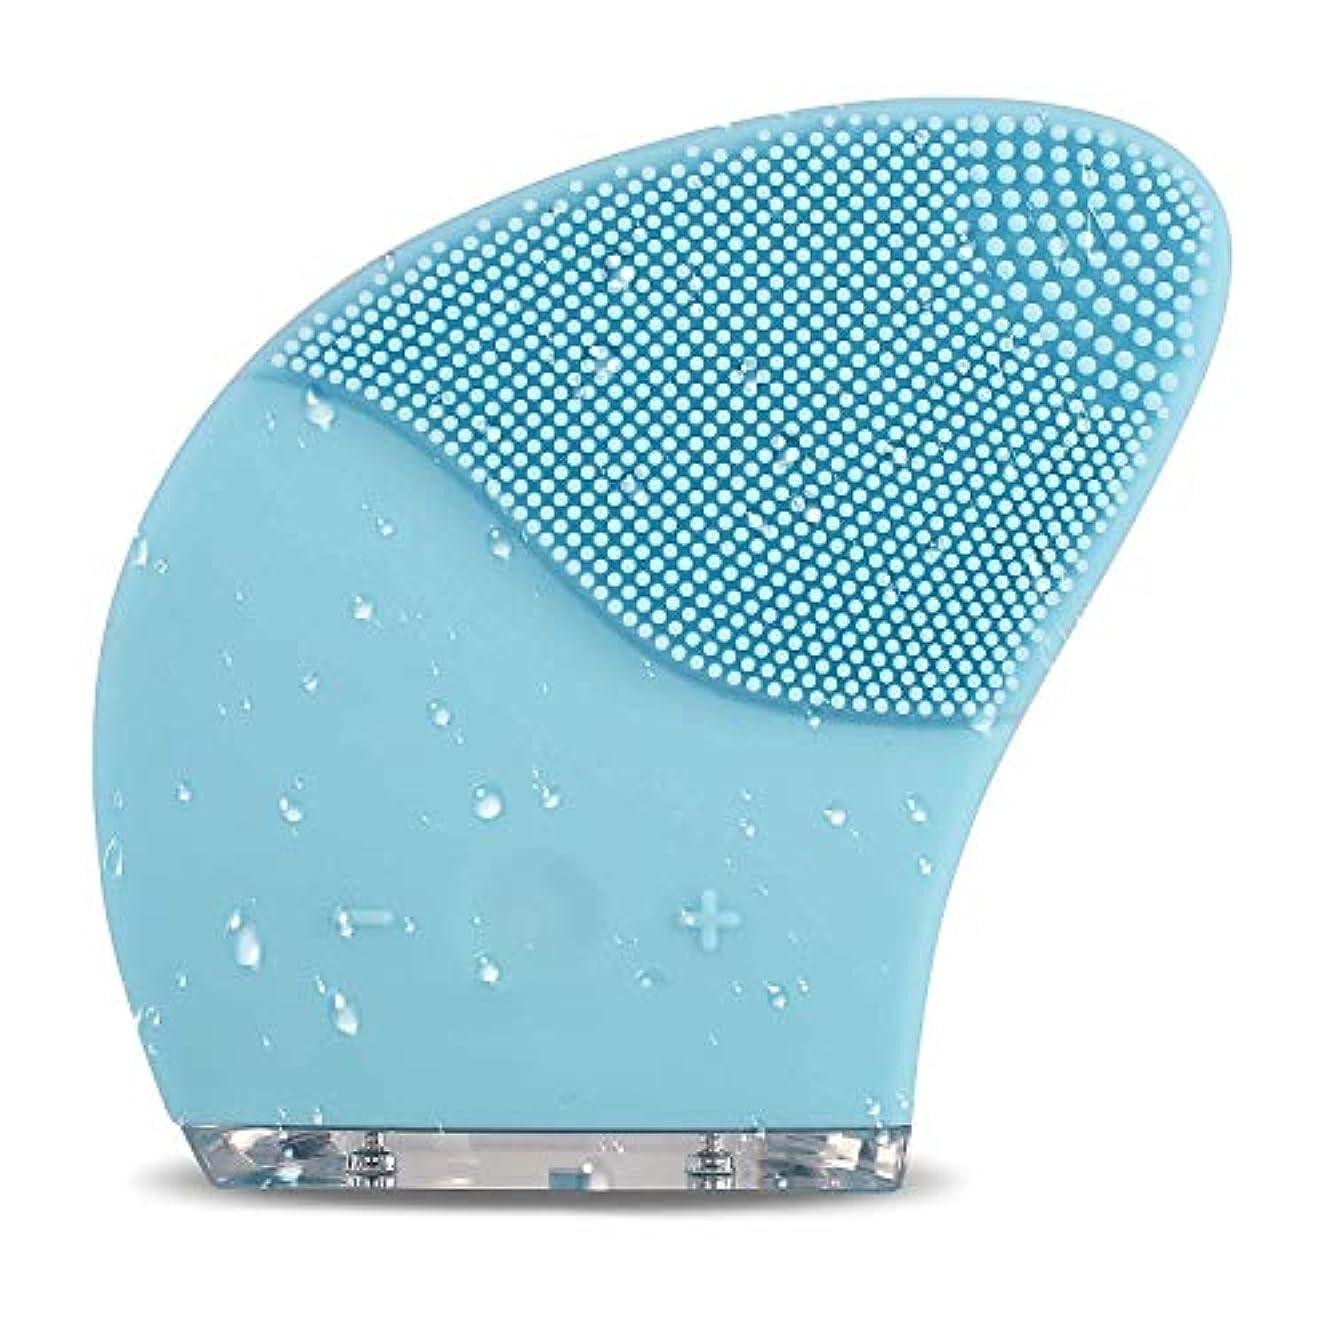 ポルトガル語笑オープニングフェイシャルクレンジングブラシフェイススクラバーIP66防水電動フェイスクレンザーとすべての肌タイプのマッサージブラシ、USB充電式、青